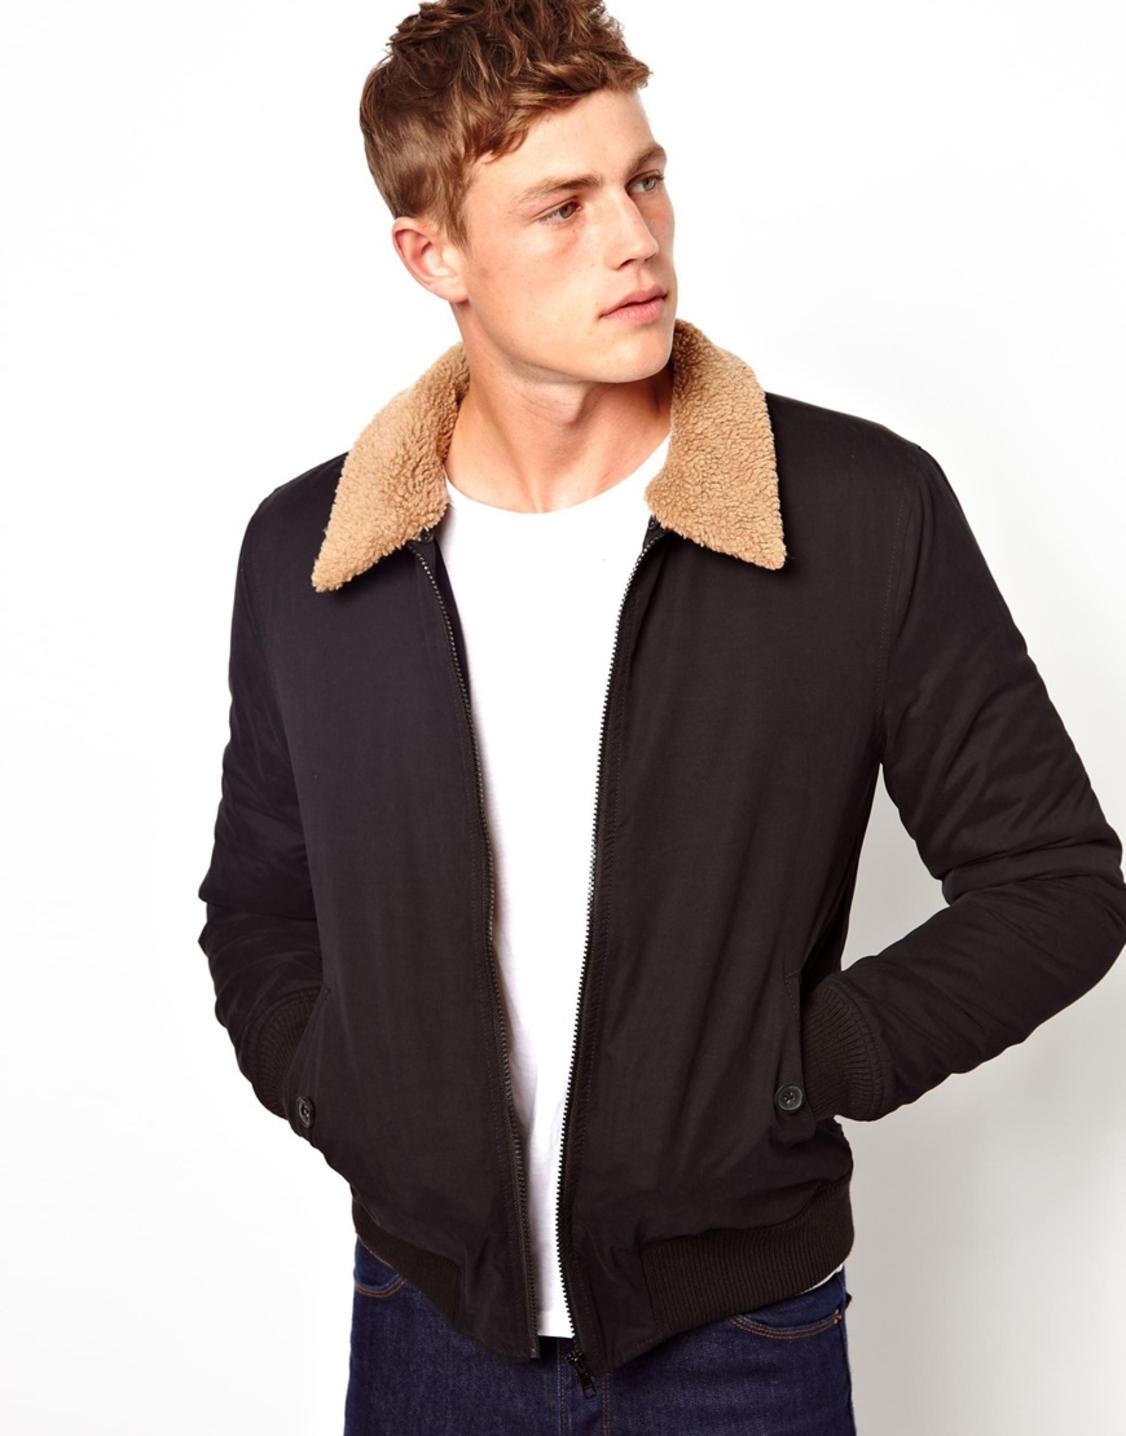 Bomber Jacket Styles for Men (15)